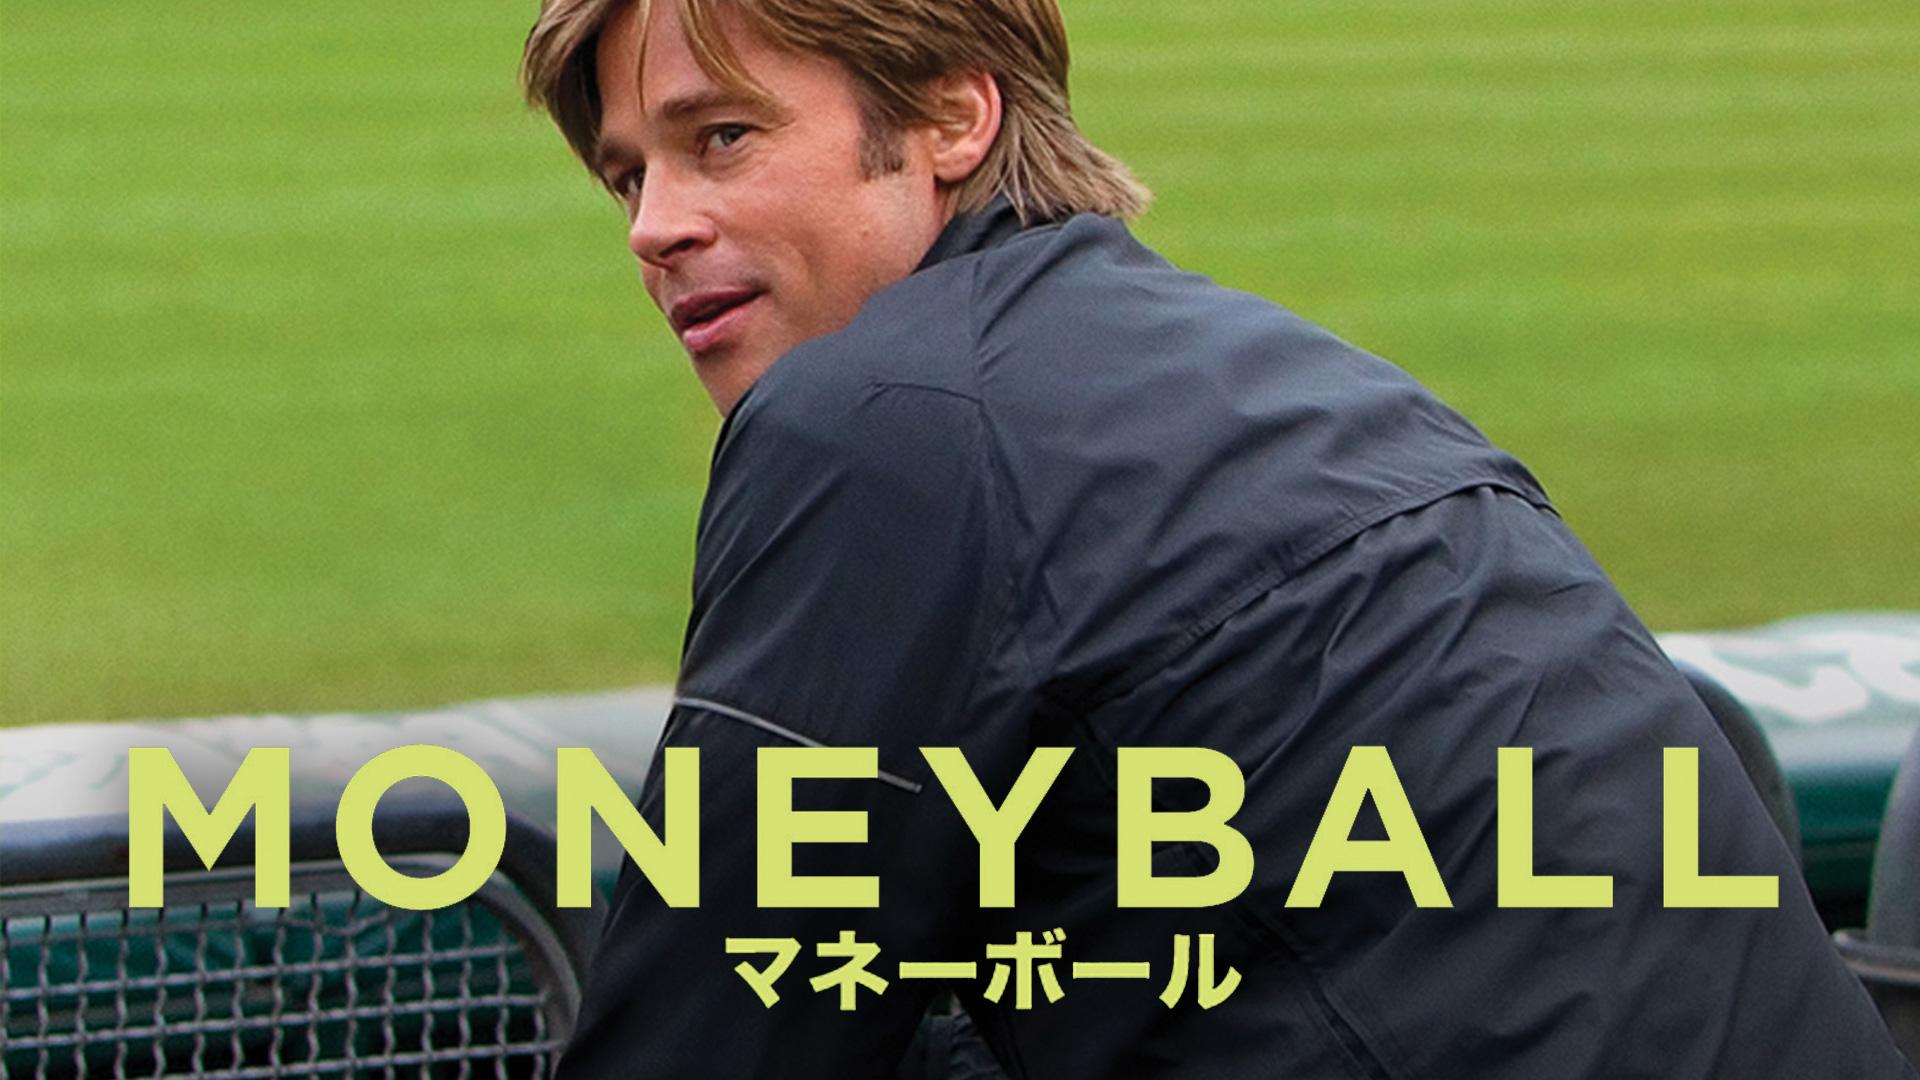 マネーボール (字幕版)